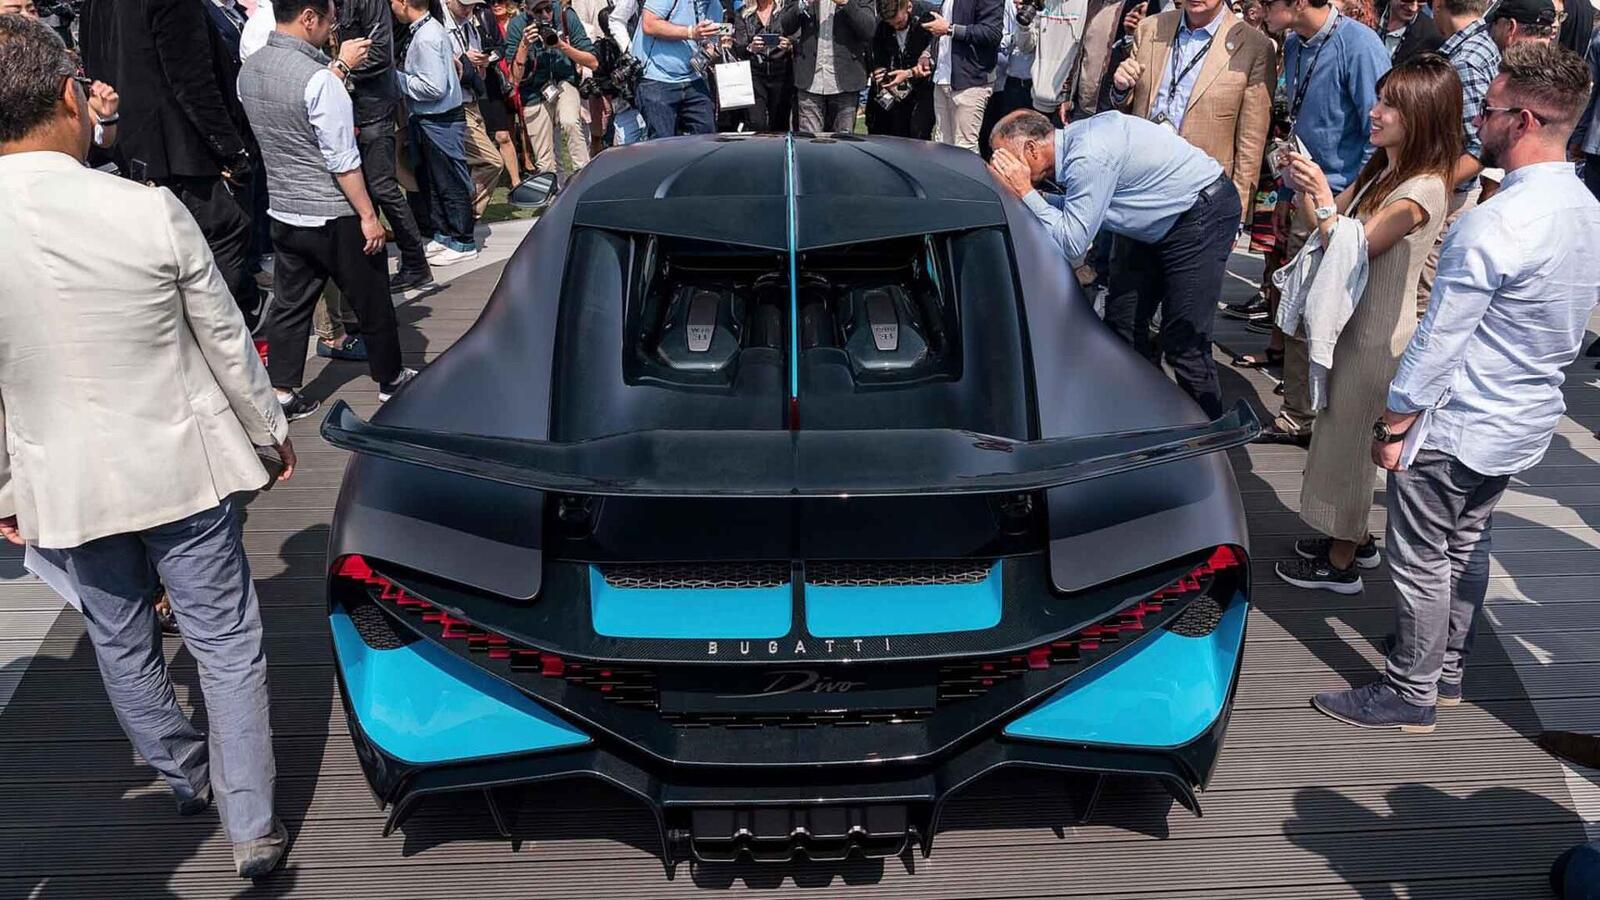 Một trong 40 chiếc Bugatti Divo đang được bán với giá 7,5 triệu USD (hơn 173 tỷ đồng) - Hình 13